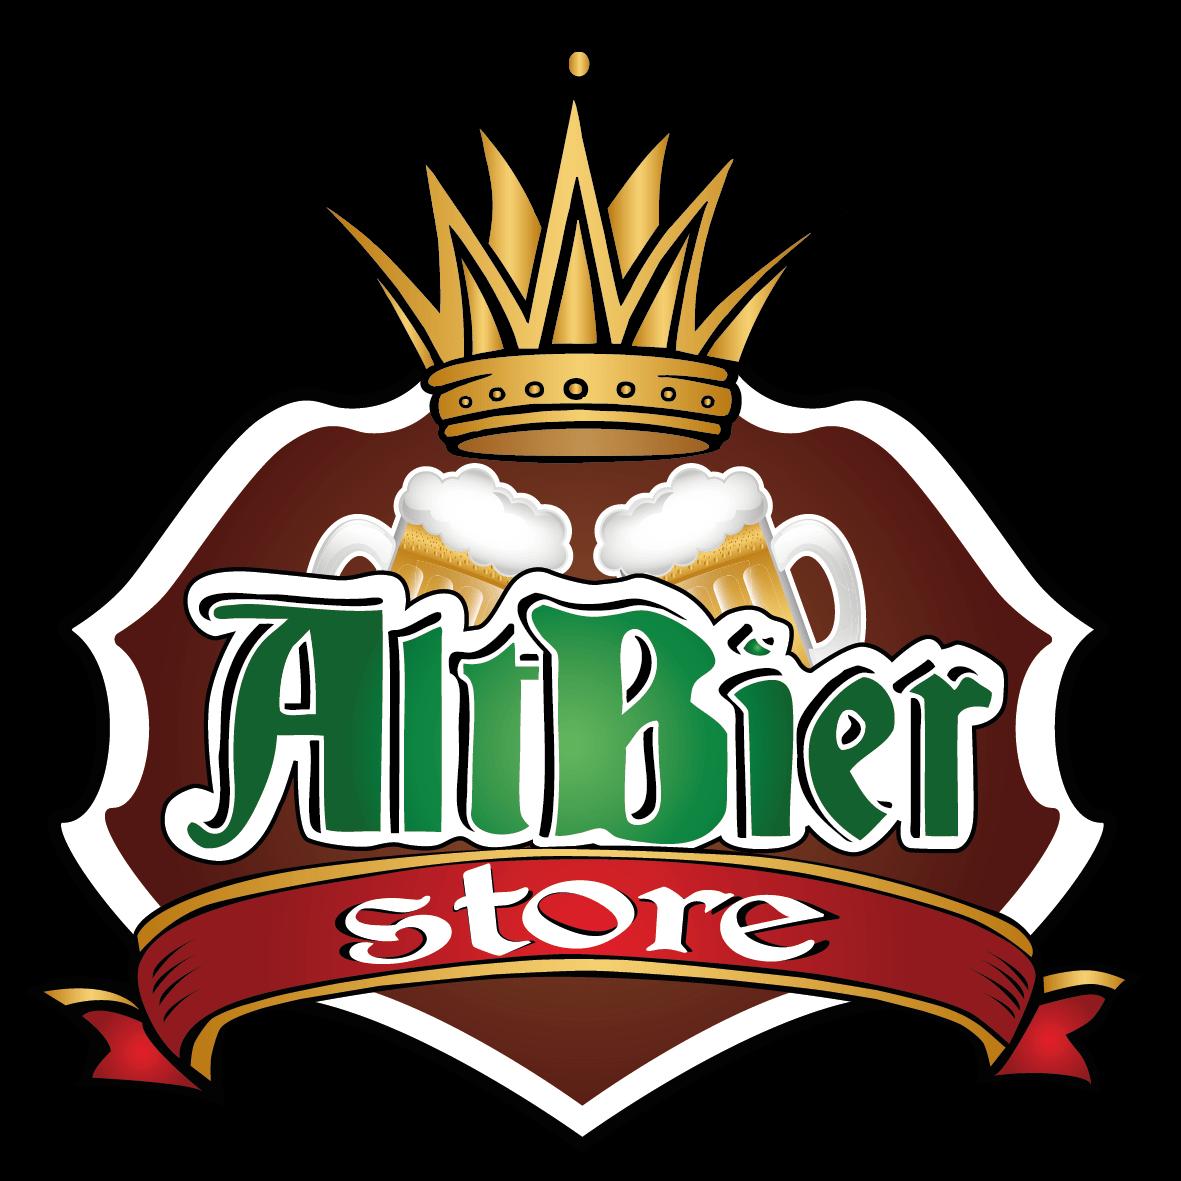 AltBier Beer Store м. Харків